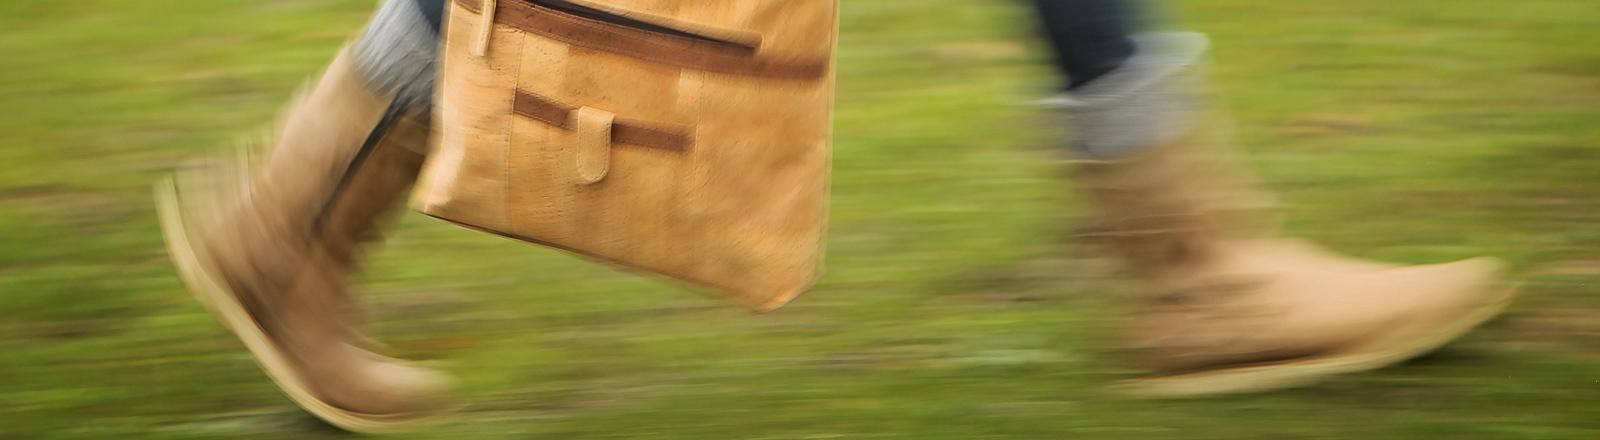 """Miriam Weberstorfer von der Firma """"INVE Austria"""" trägt am 24.01.2014 auf der Messe """"Veggie-World"""" in den Rhein-Main-Hallen in Wiesbaden eine Tasche aus Kork."""